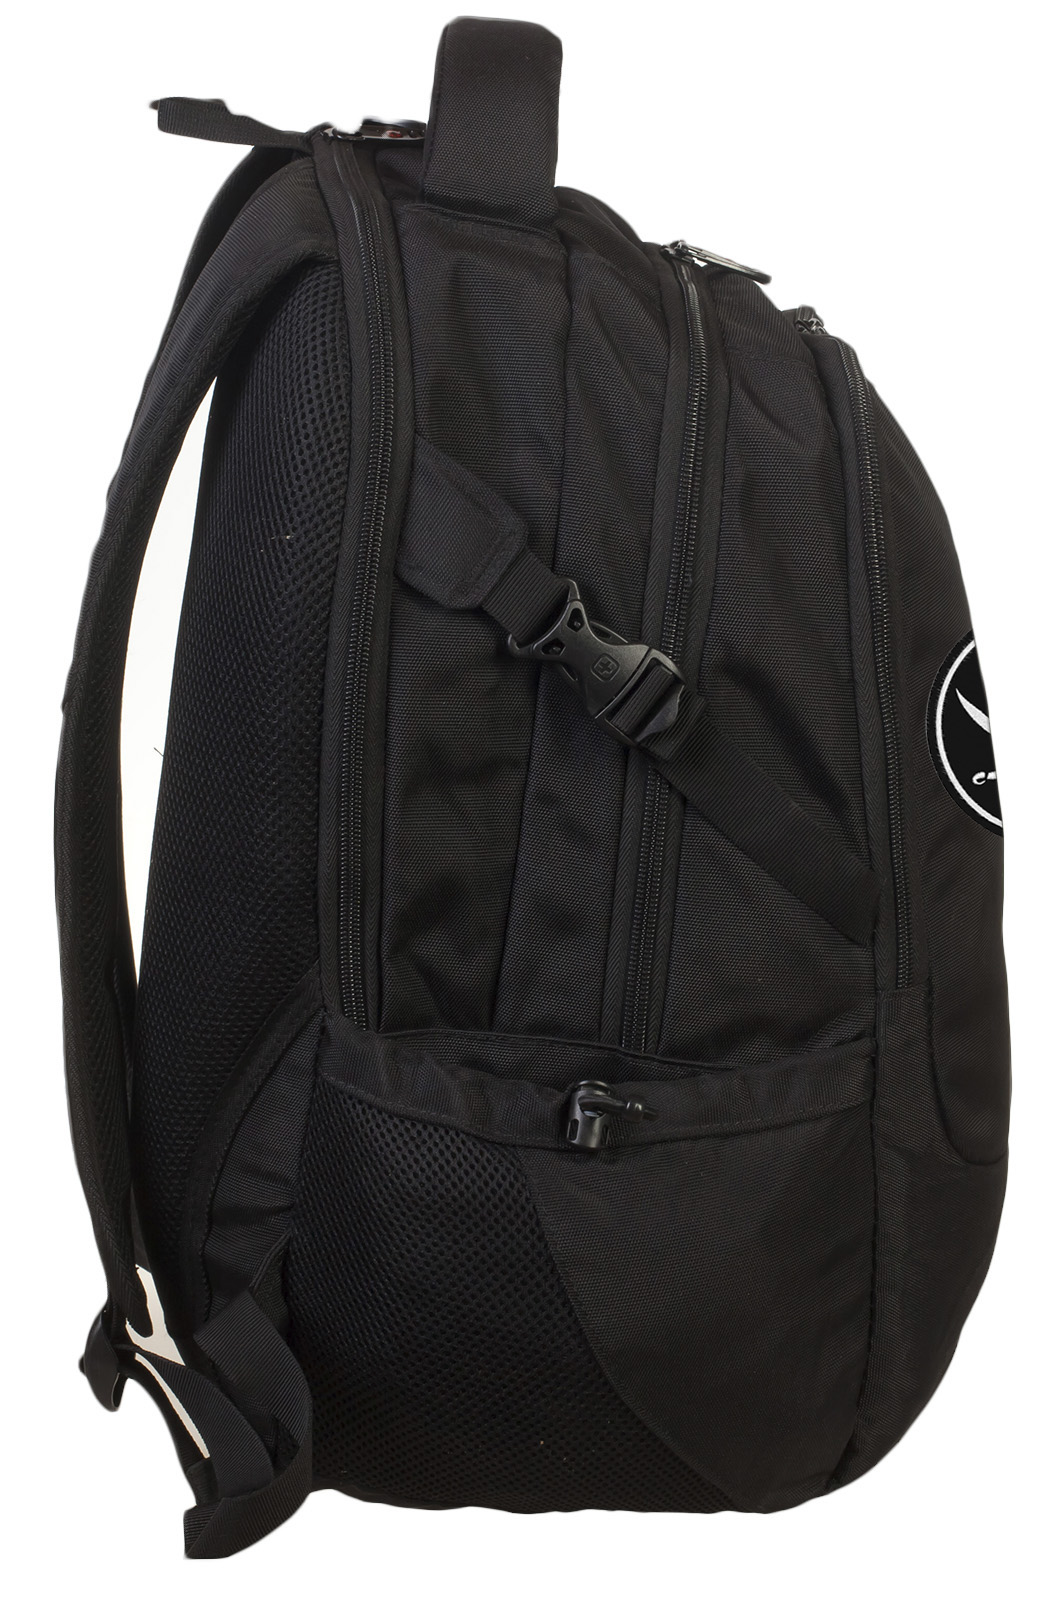 Эргономичный вместительный рюкзак с нашивкой Пиратский флаг - купить онлайн